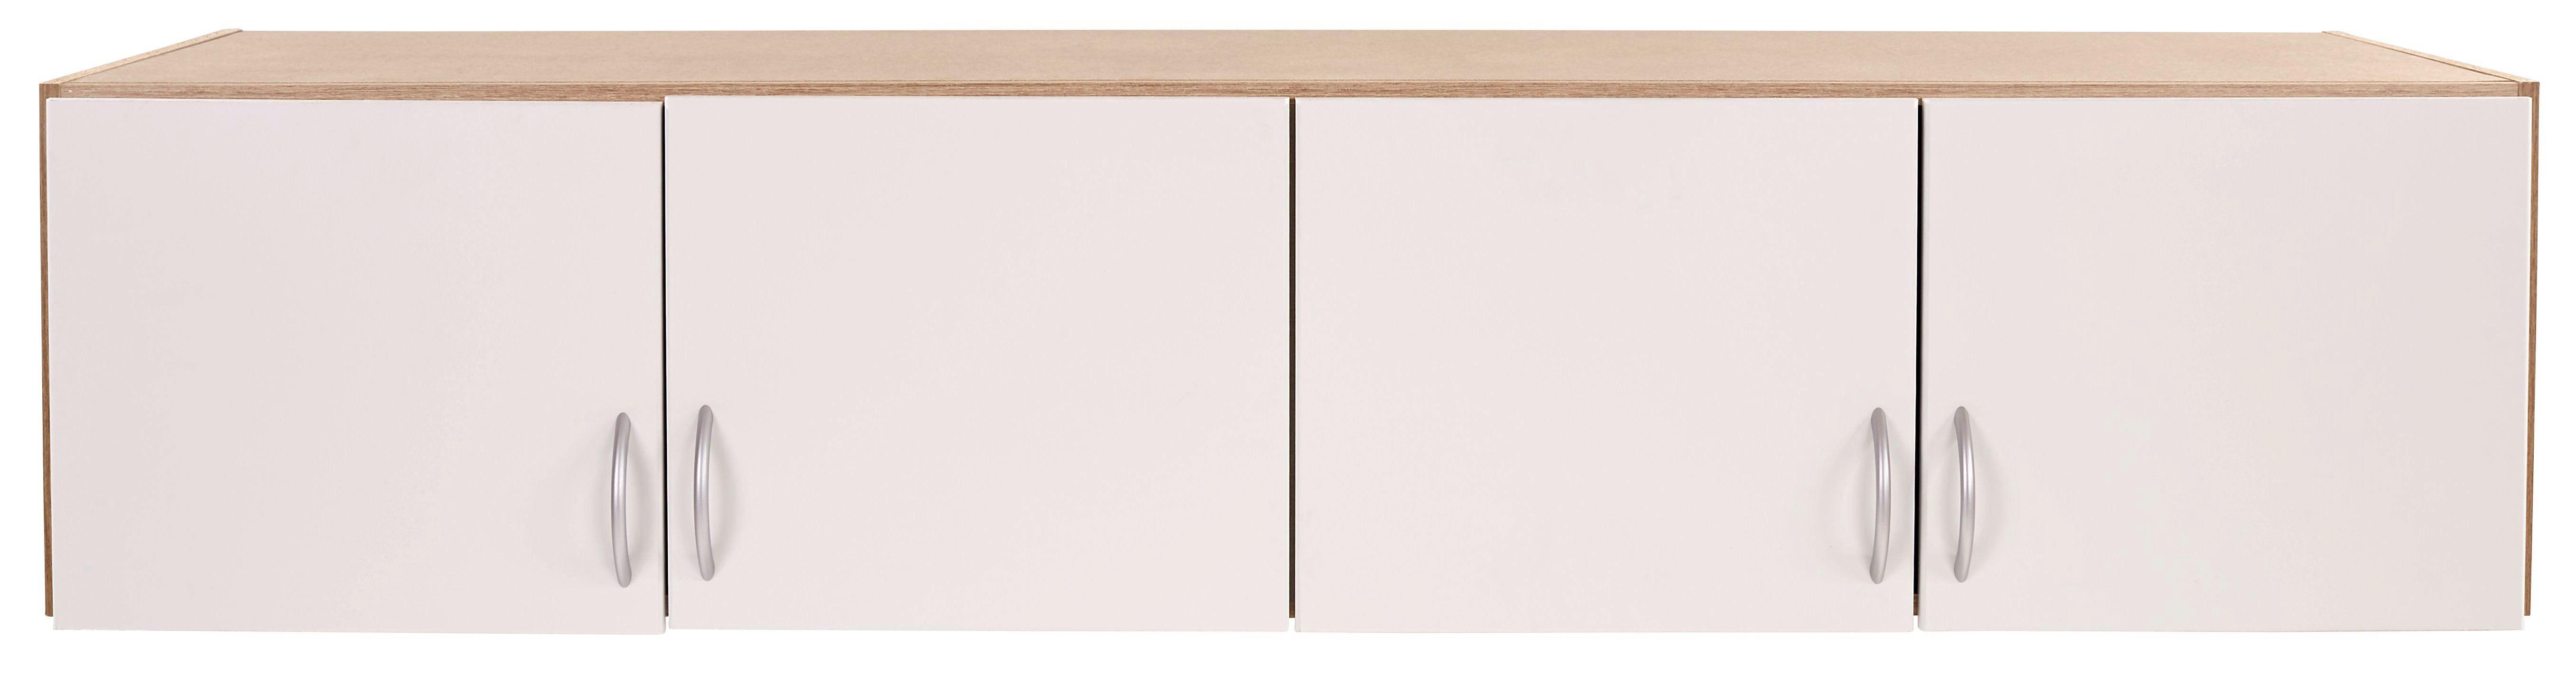 Aufsatzschrank Karo Extra 4trg, 181cm - Eichefarben/Weiß, KONVENTIONELL, Holzwerkstoff (181/39/54cm)